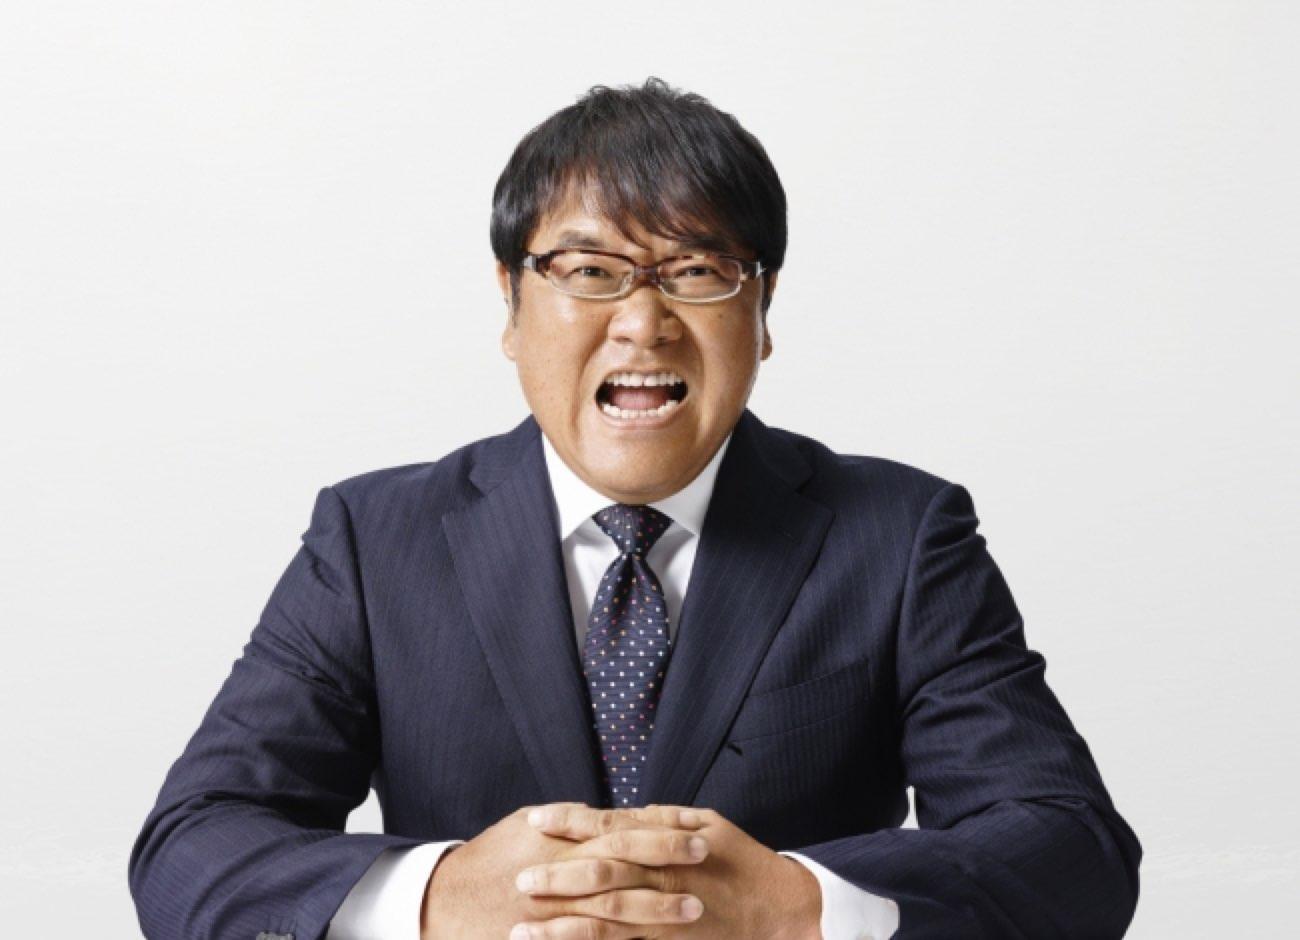 カンニング竹山「ヤマト便から急にLINE」「企業としておかしくないか?」と投稿 →「誤解してた」と謝罪